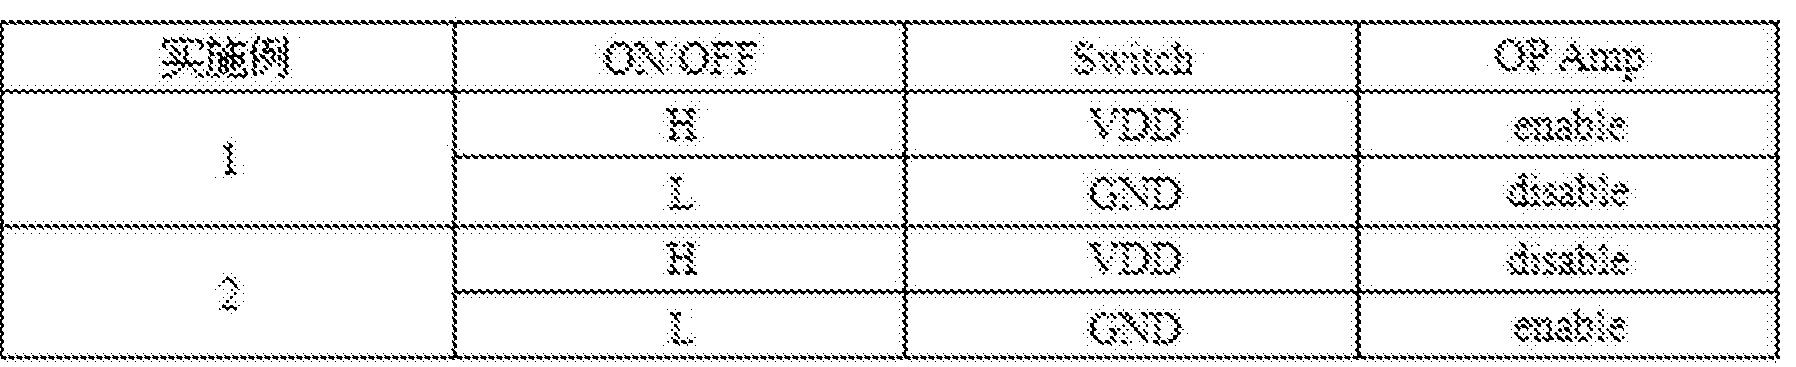 Figure CN103810979BD00061